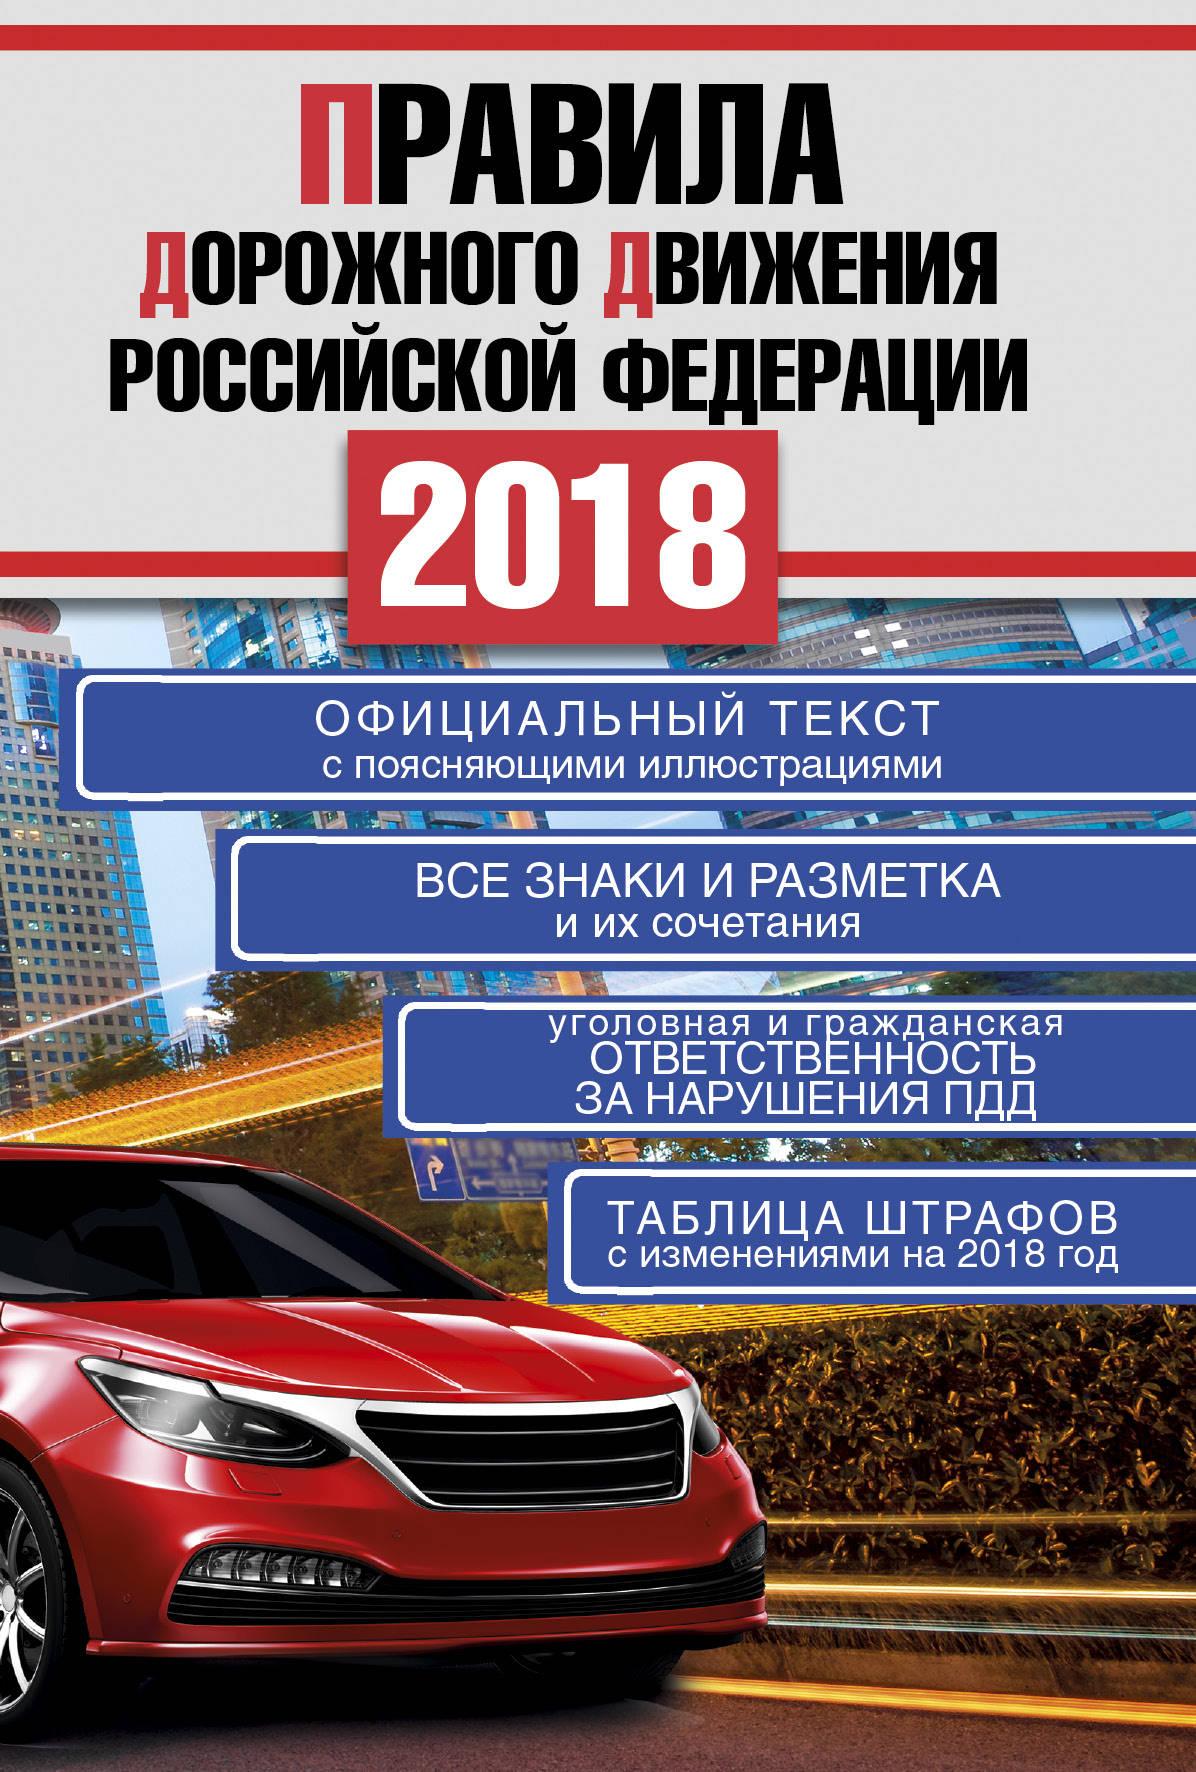 Правила дорожного движения Российской Федерации на 2018 год какую машину начинающему водителю недорого